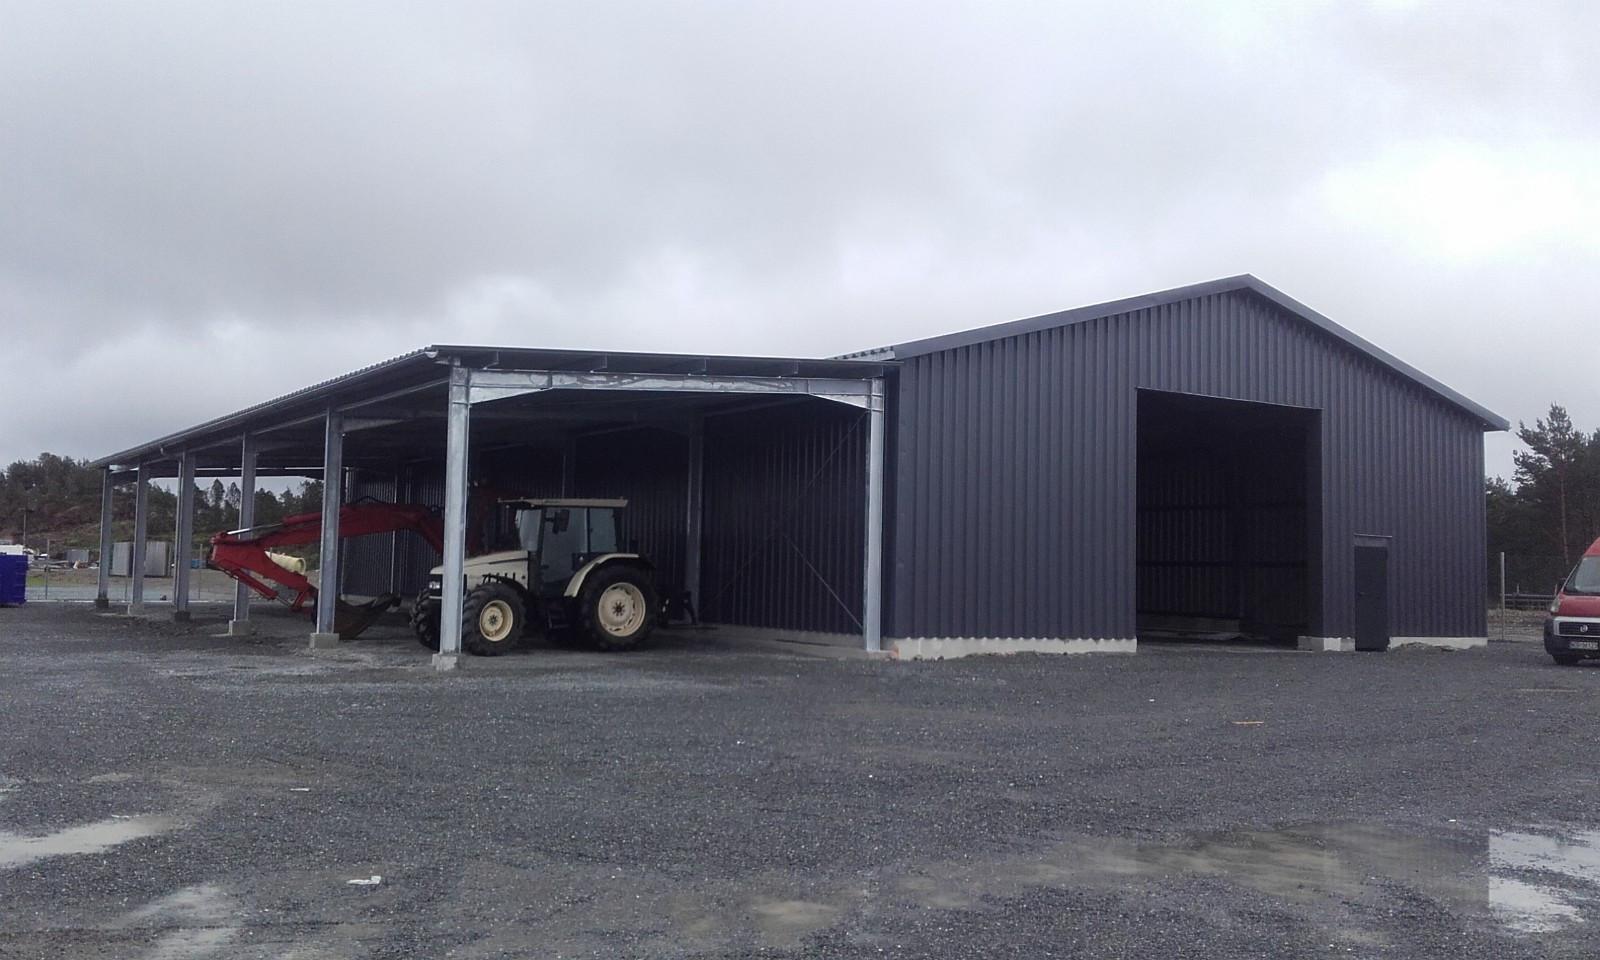 Steel hall 15x30x4,5 +7x30 - Oslo  - Beskrivelse Vi vil gjerne tilby dere utførelsen av stålbygg i ulike størrelser som kan brukes til garasje,lager, og diverse gårdsbygninger.  Siden 2006 har vi bygget mer enn 300 prosjekter i Polen, Tyskland, Belgia, Frankrike, Englan - Oslo